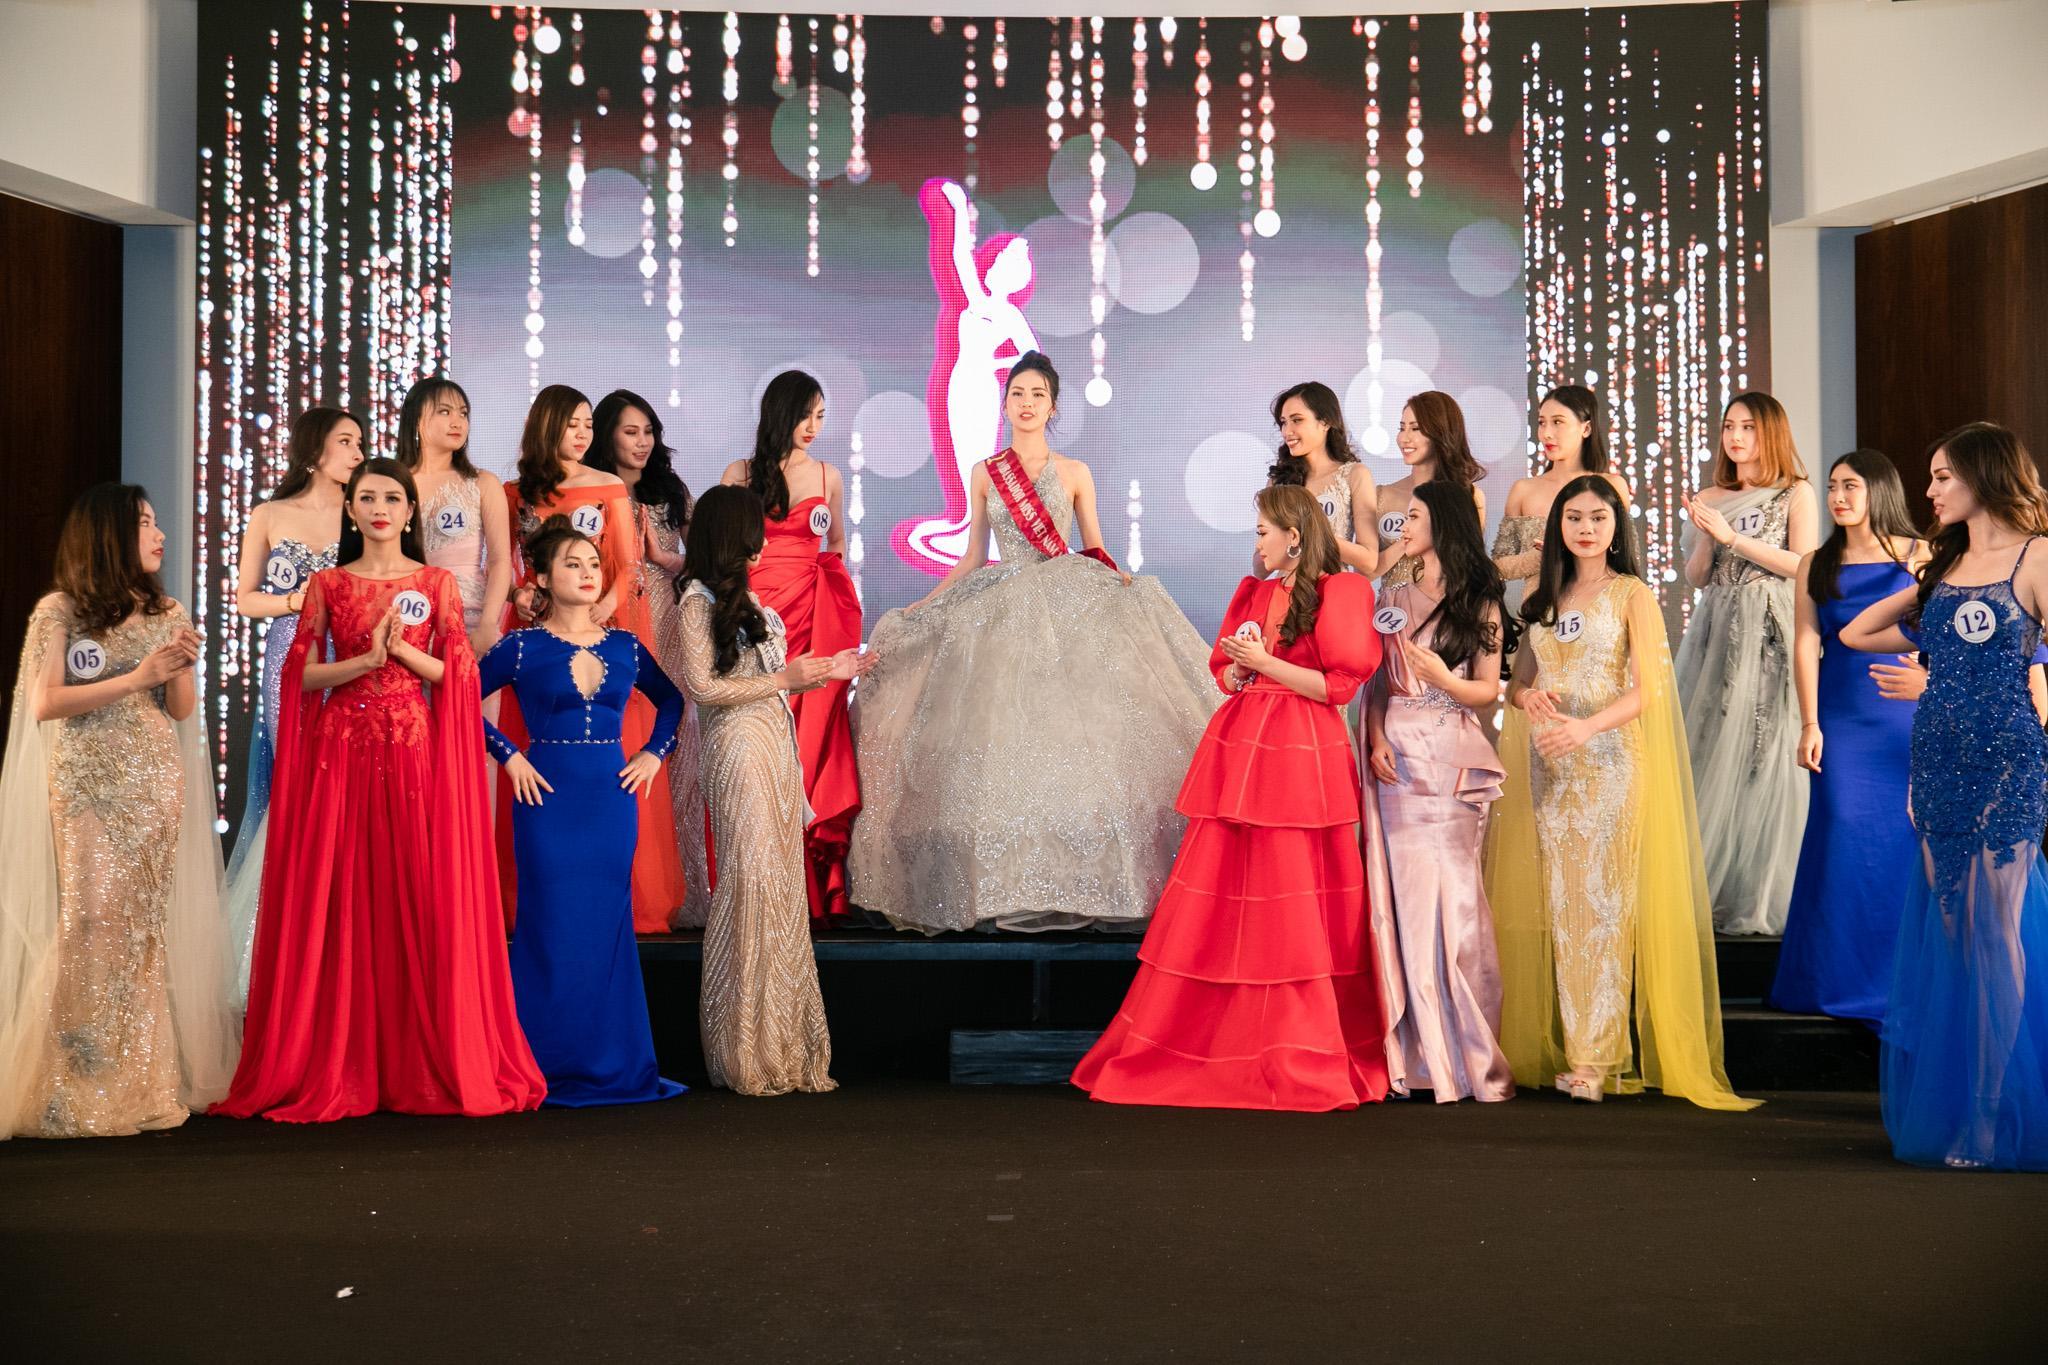 Đâu chỉ siêu mẫu Quỳnh Hoa, không ít người đẹp Vbiz dùng chiêu này để 'chặt chém' trên sân khấu Ảnh 3